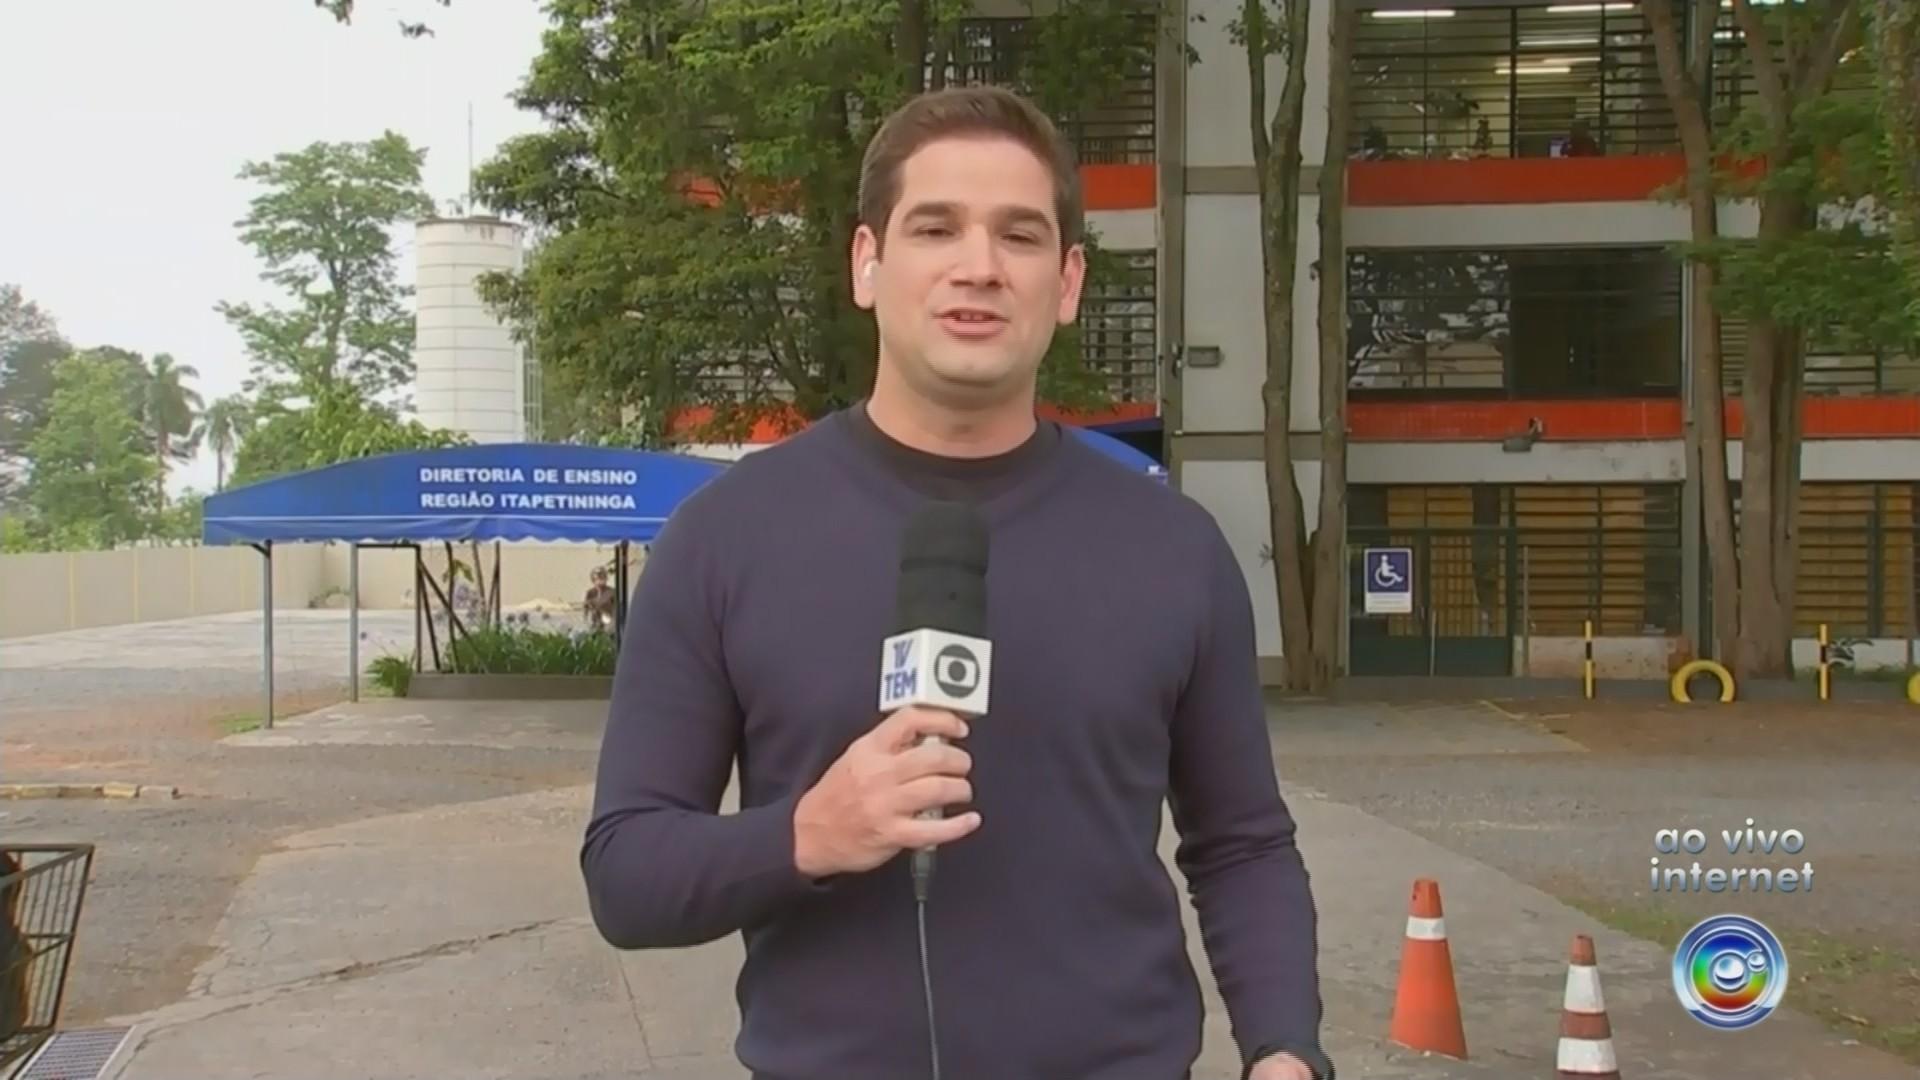 796c779ab ... Jundiaí e Itapetininga Assista aos vídeos do telejornal com notícias  das regiões de Sorocaba